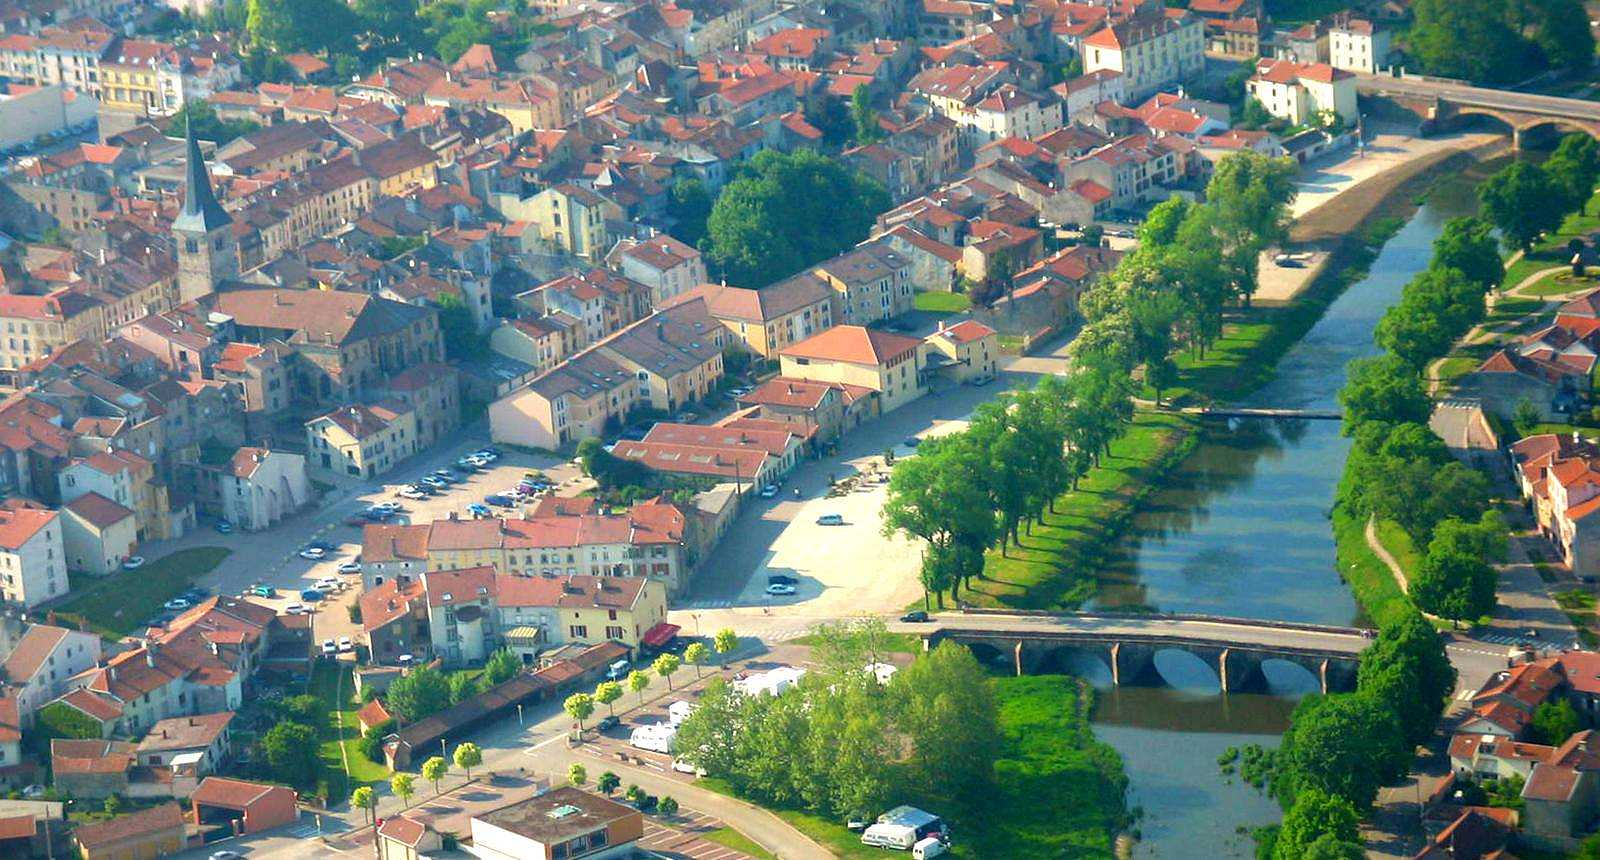 Vue aérienne de la ville de Mirecourt